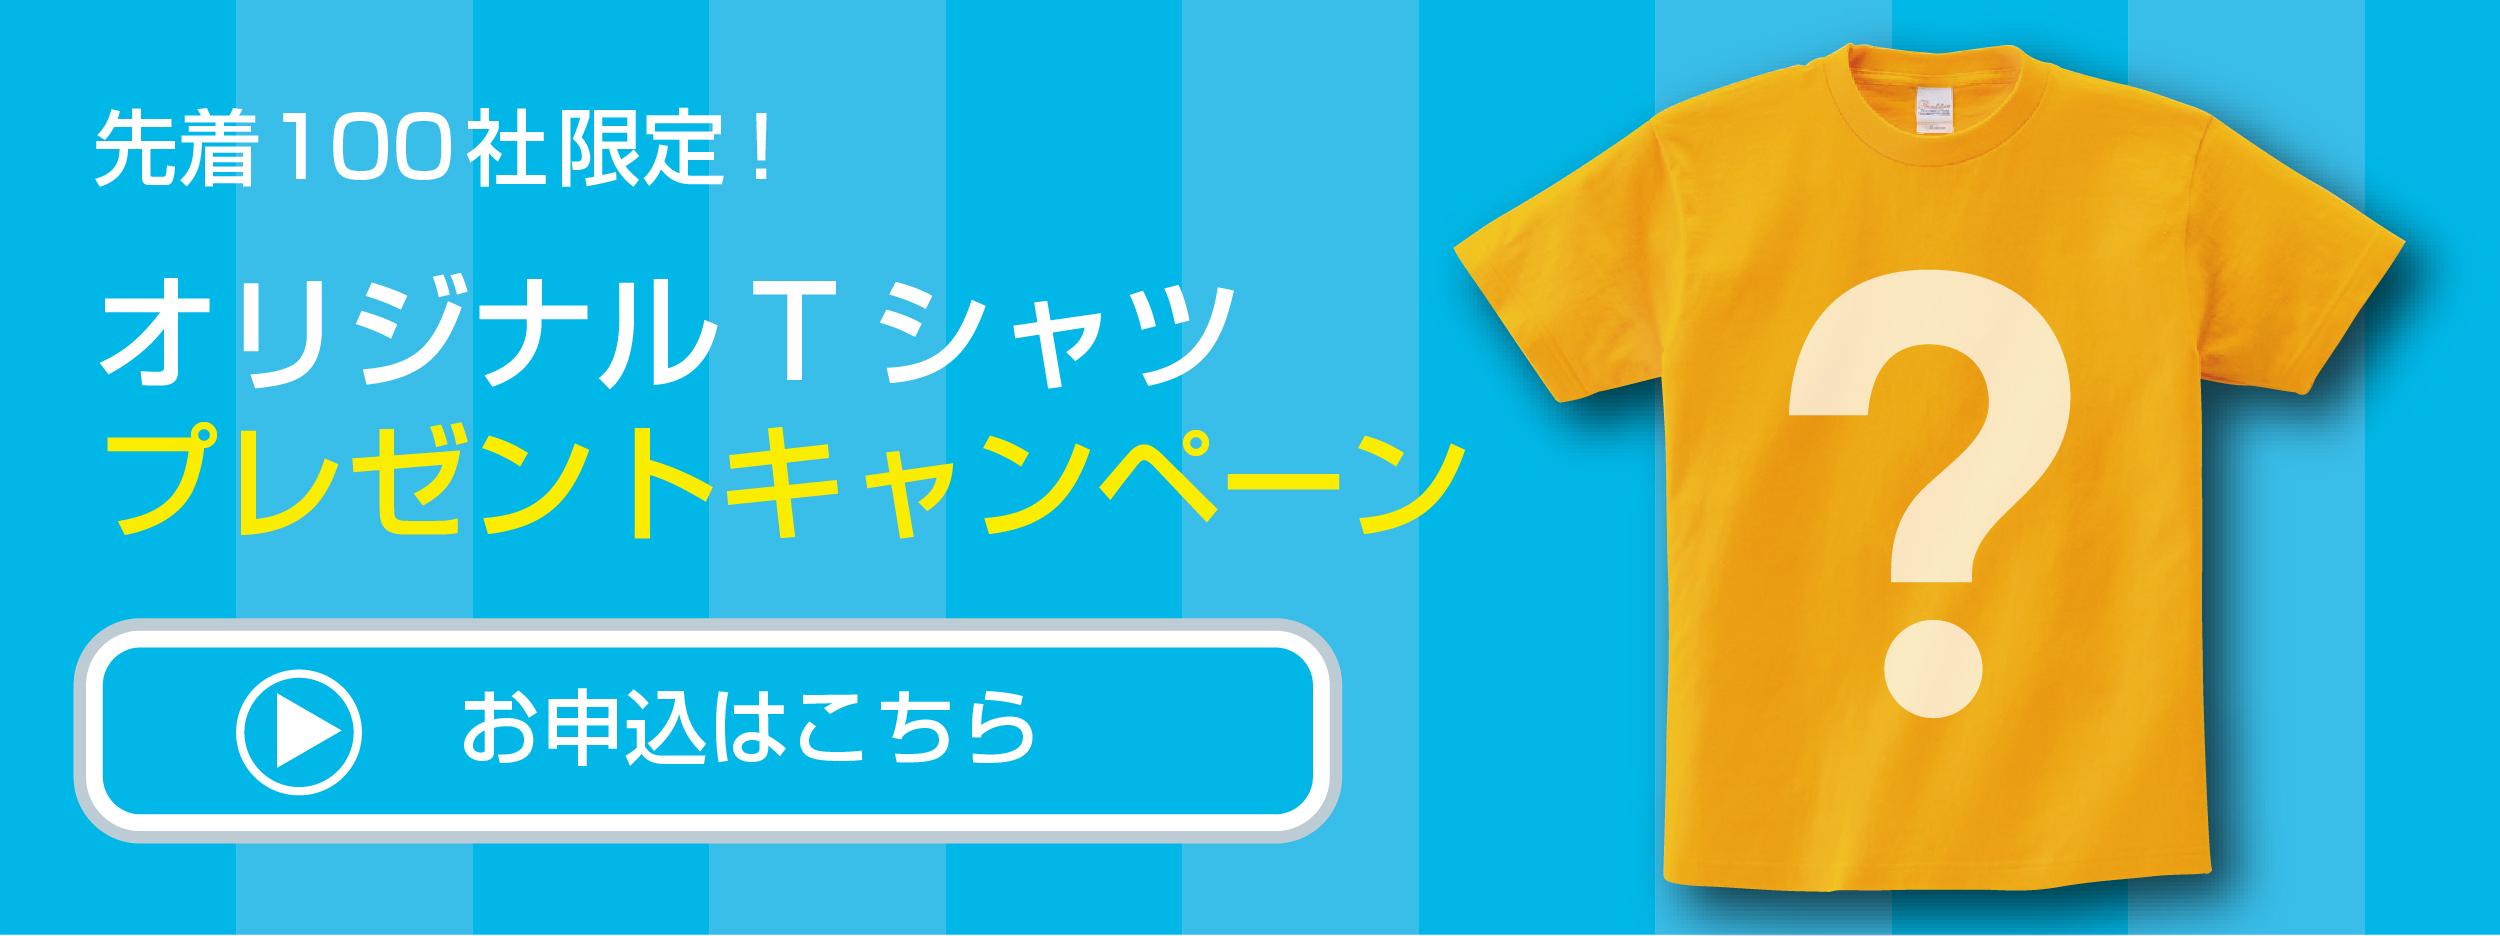 tシャツバナー-01